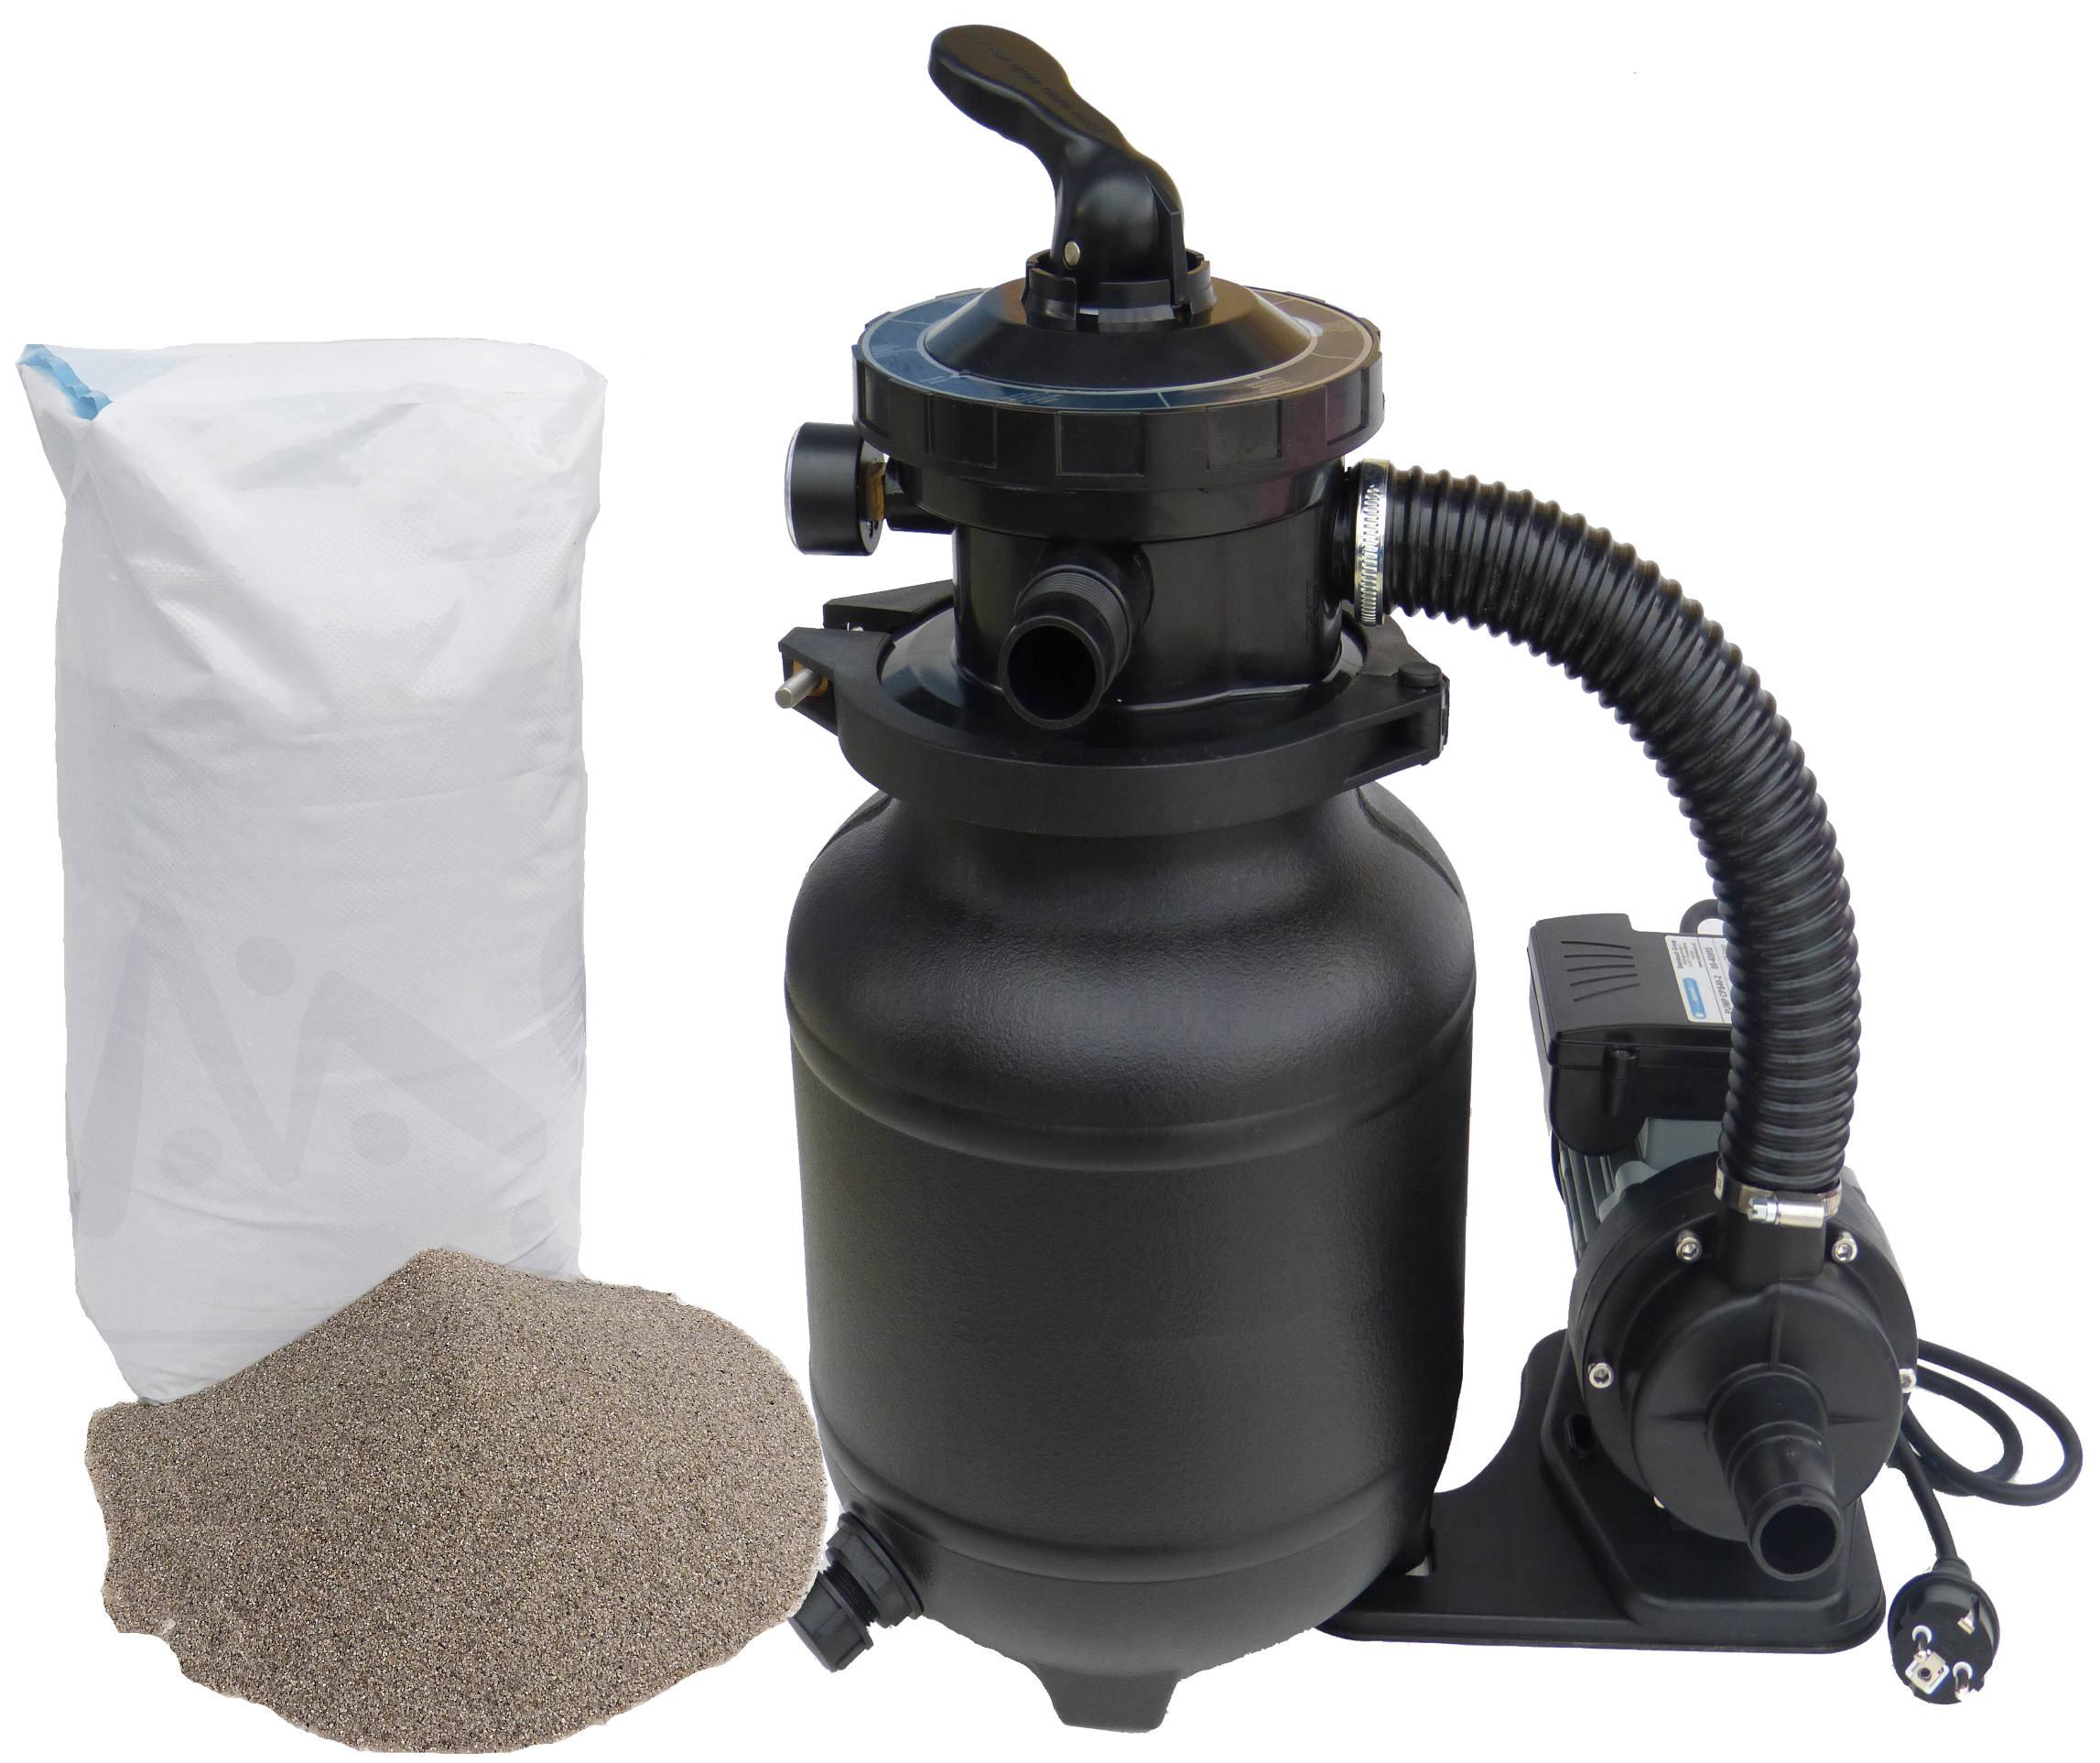 sandfilteranlage poolfilter 6500 sandfilter inkl 25 kg. Black Bedroom Furniture Sets. Home Design Ideas